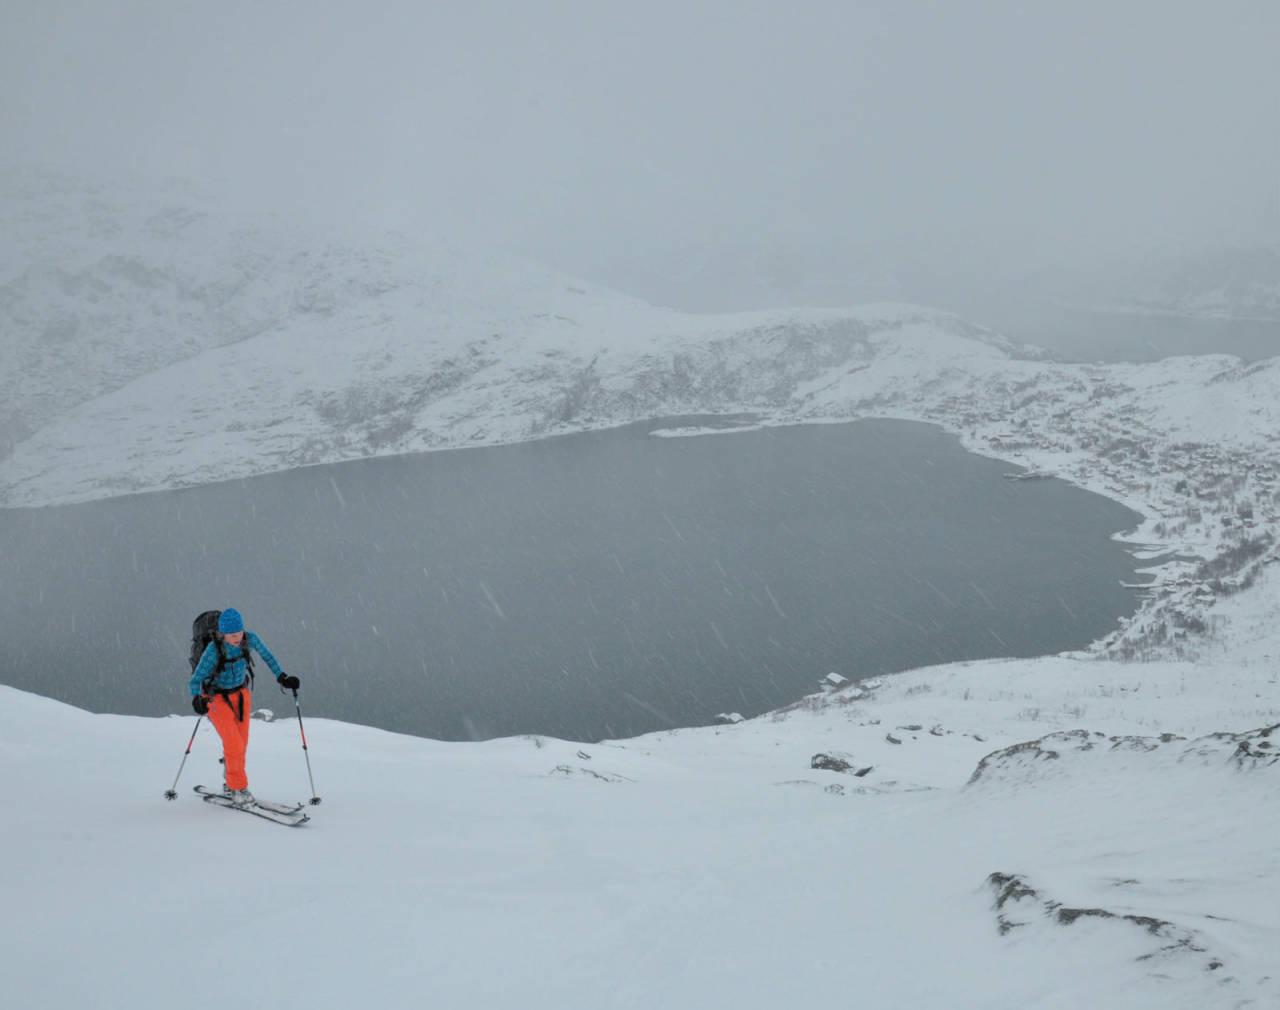 Hatten; den perfekte topp når været ikke er helt perfekt. Heidi Berg er enig. Foto: Espen Nordahl. / Toppturer i Troms.